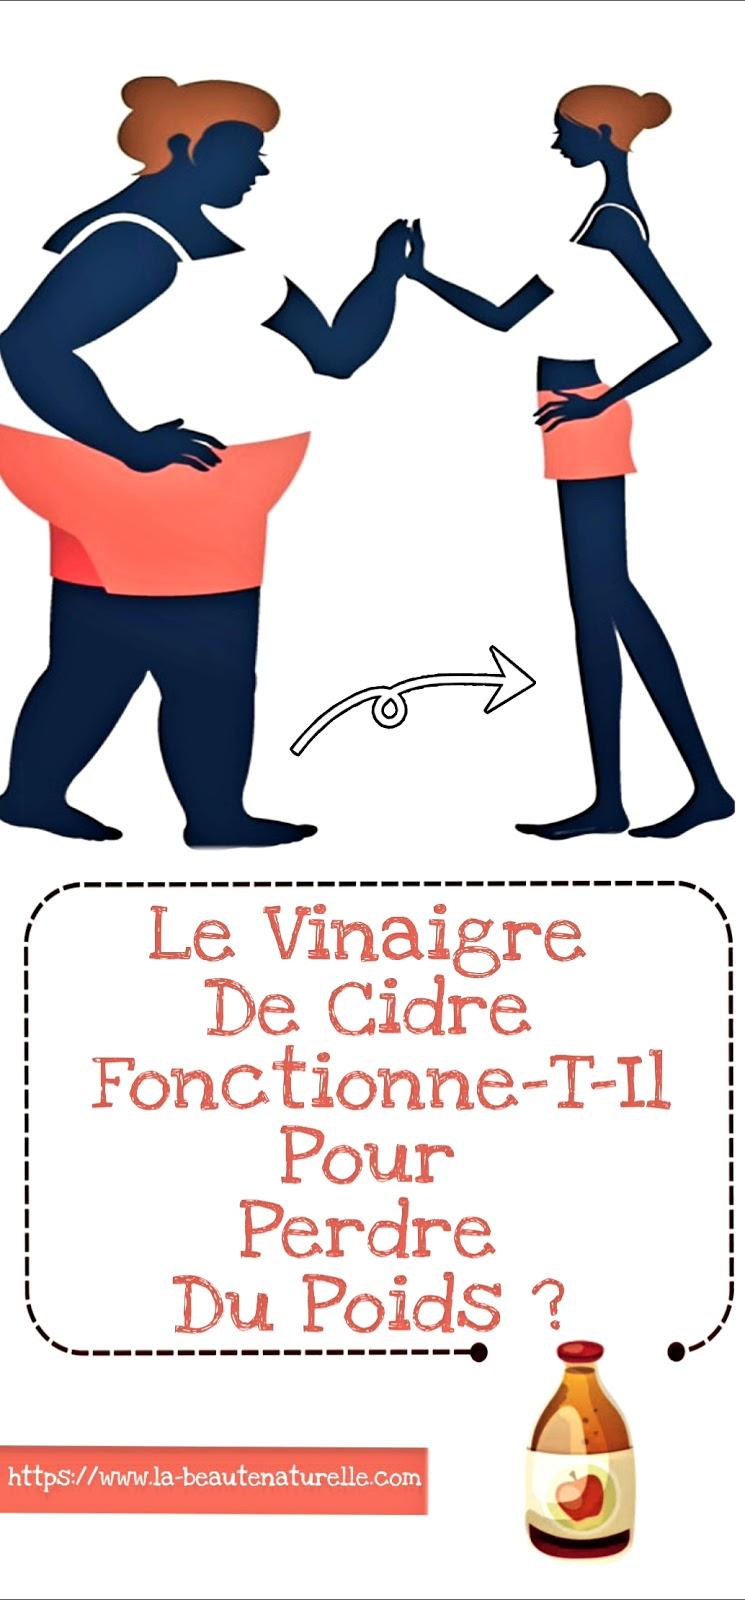 Le Vinaigre De Cidre Fonctionne-T-Il Pour Perdre Du Poids ?